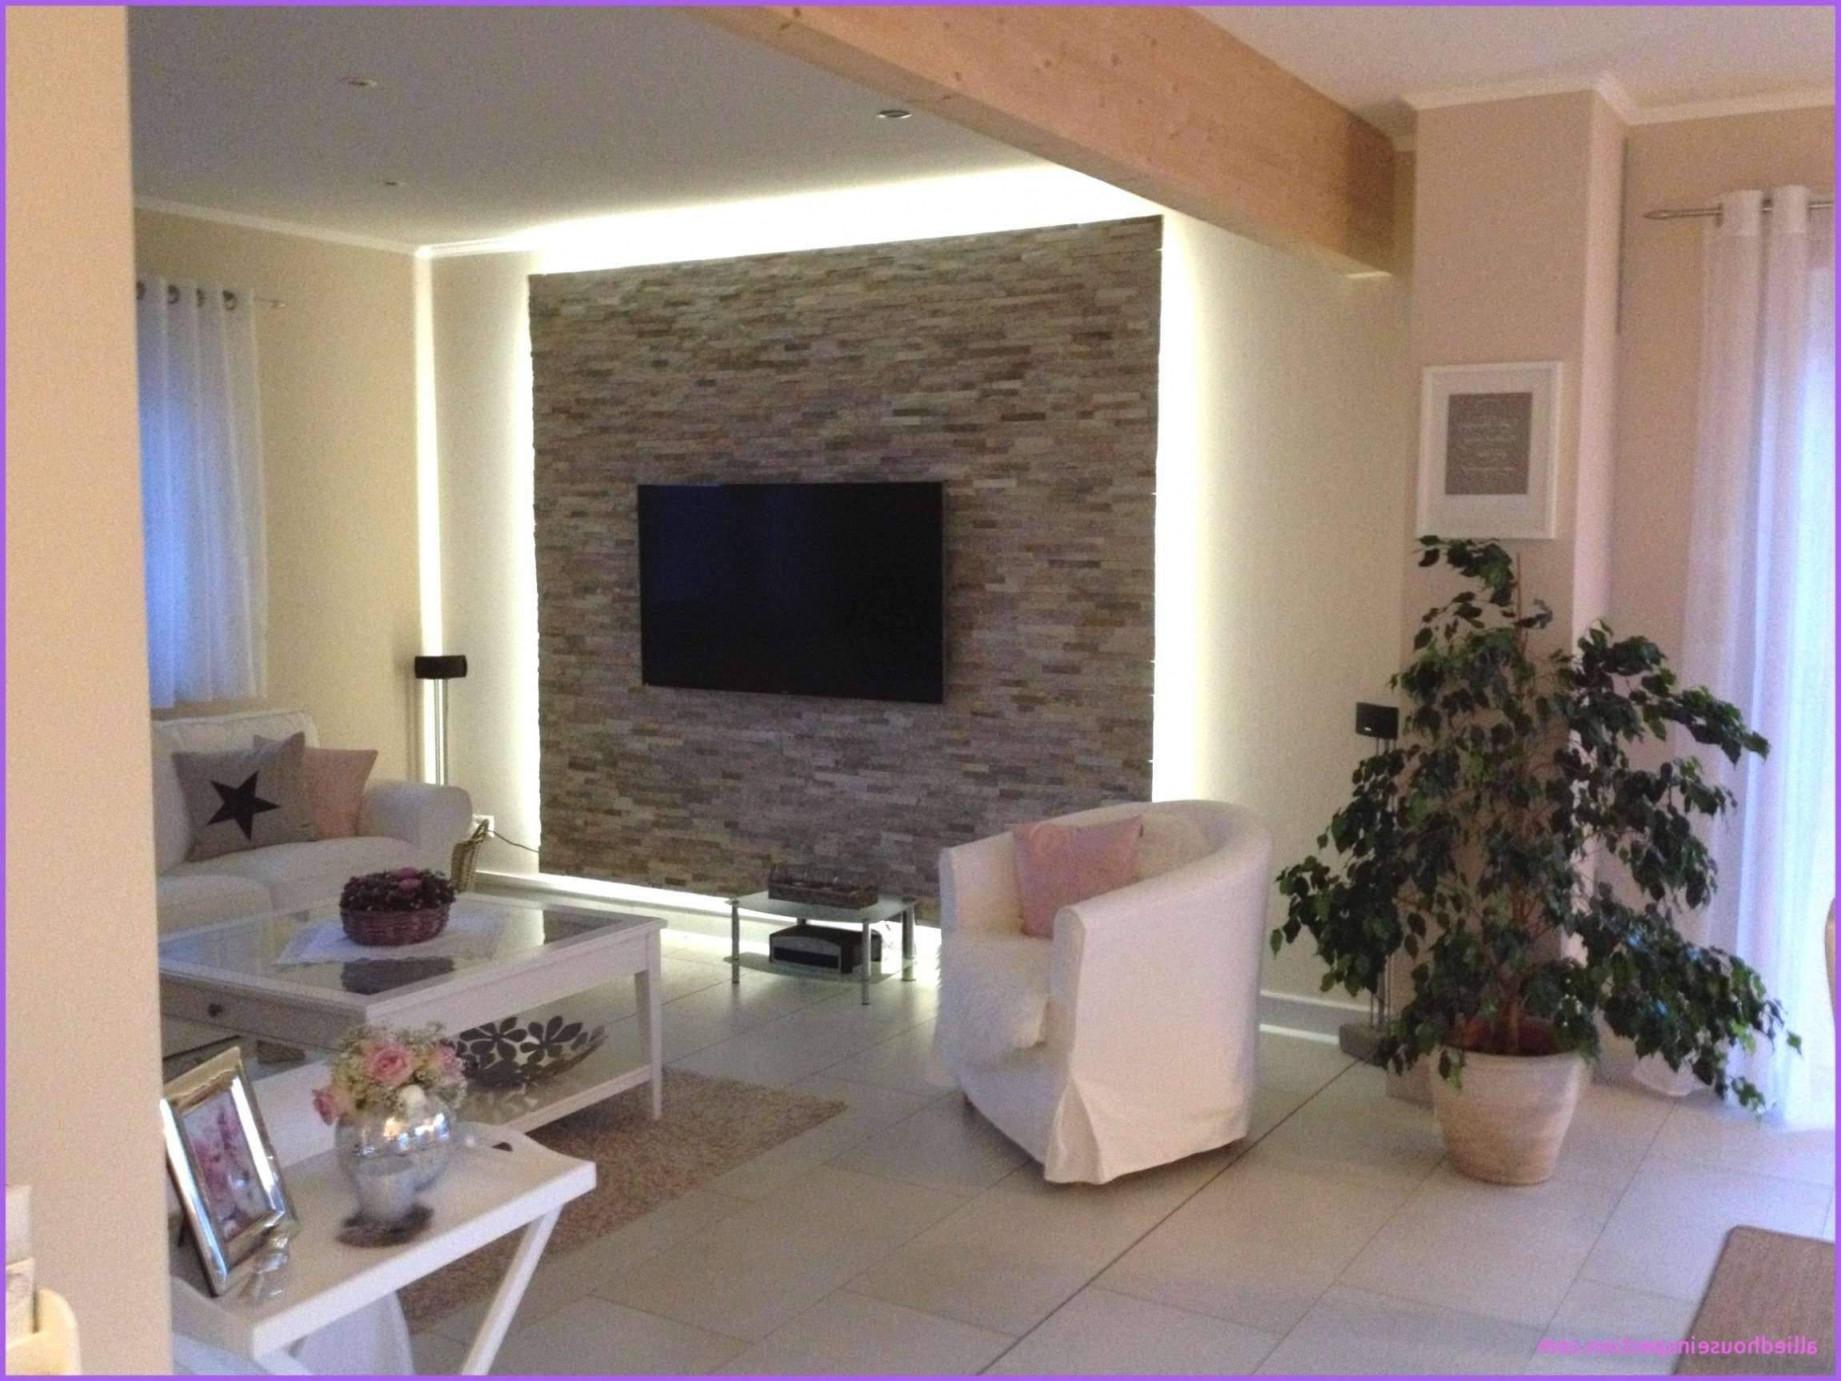 Deko Wand Wohnzimmer Luxus Wand Design Ideen Wohnzimmer von Deko Wand Wohnzimmer Photo